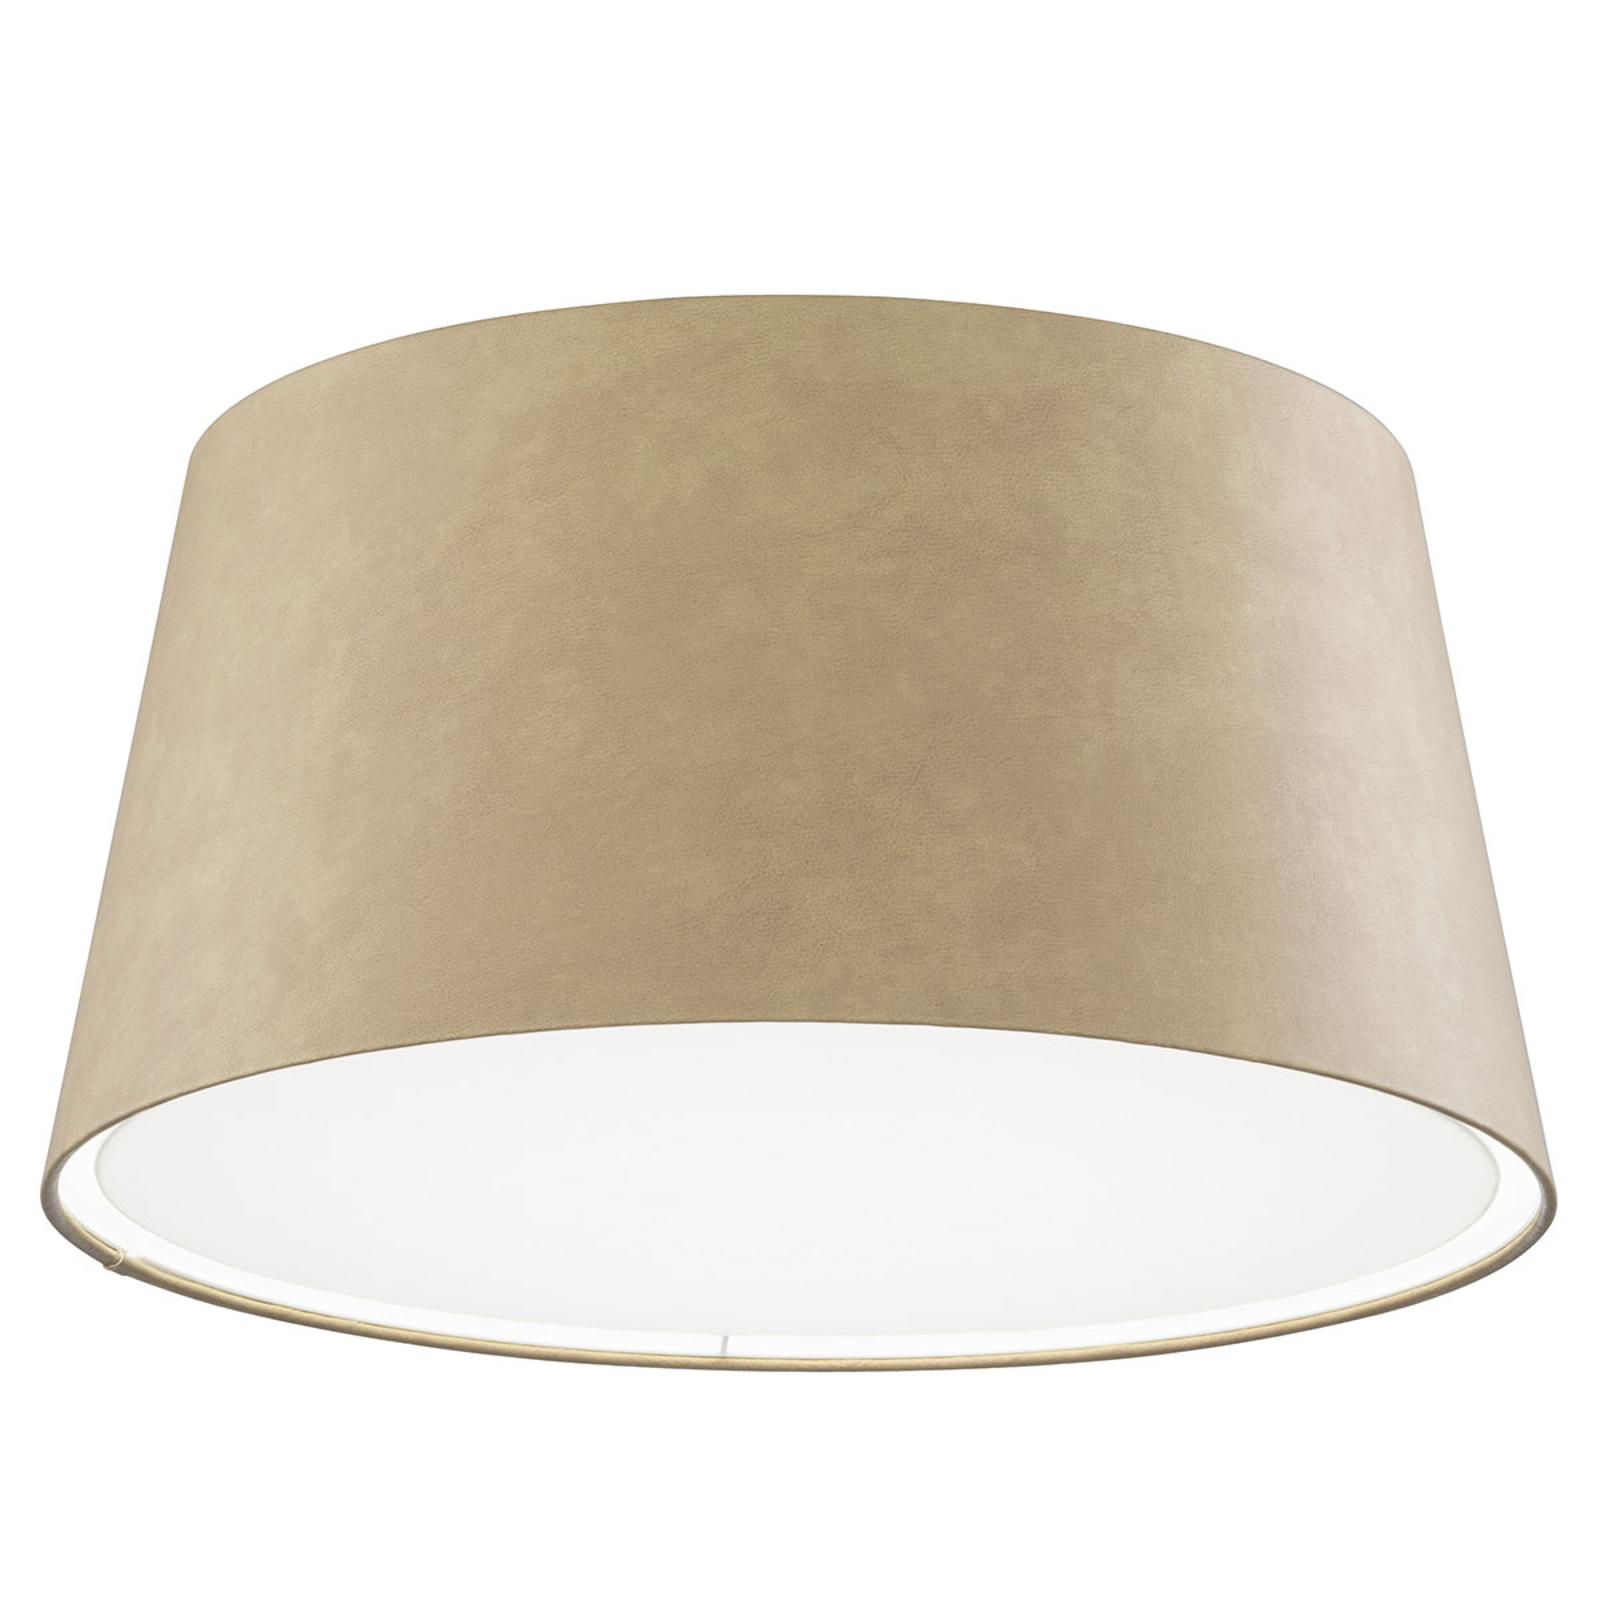 LED-taklampe Louise, dimbar, 3000K, sand